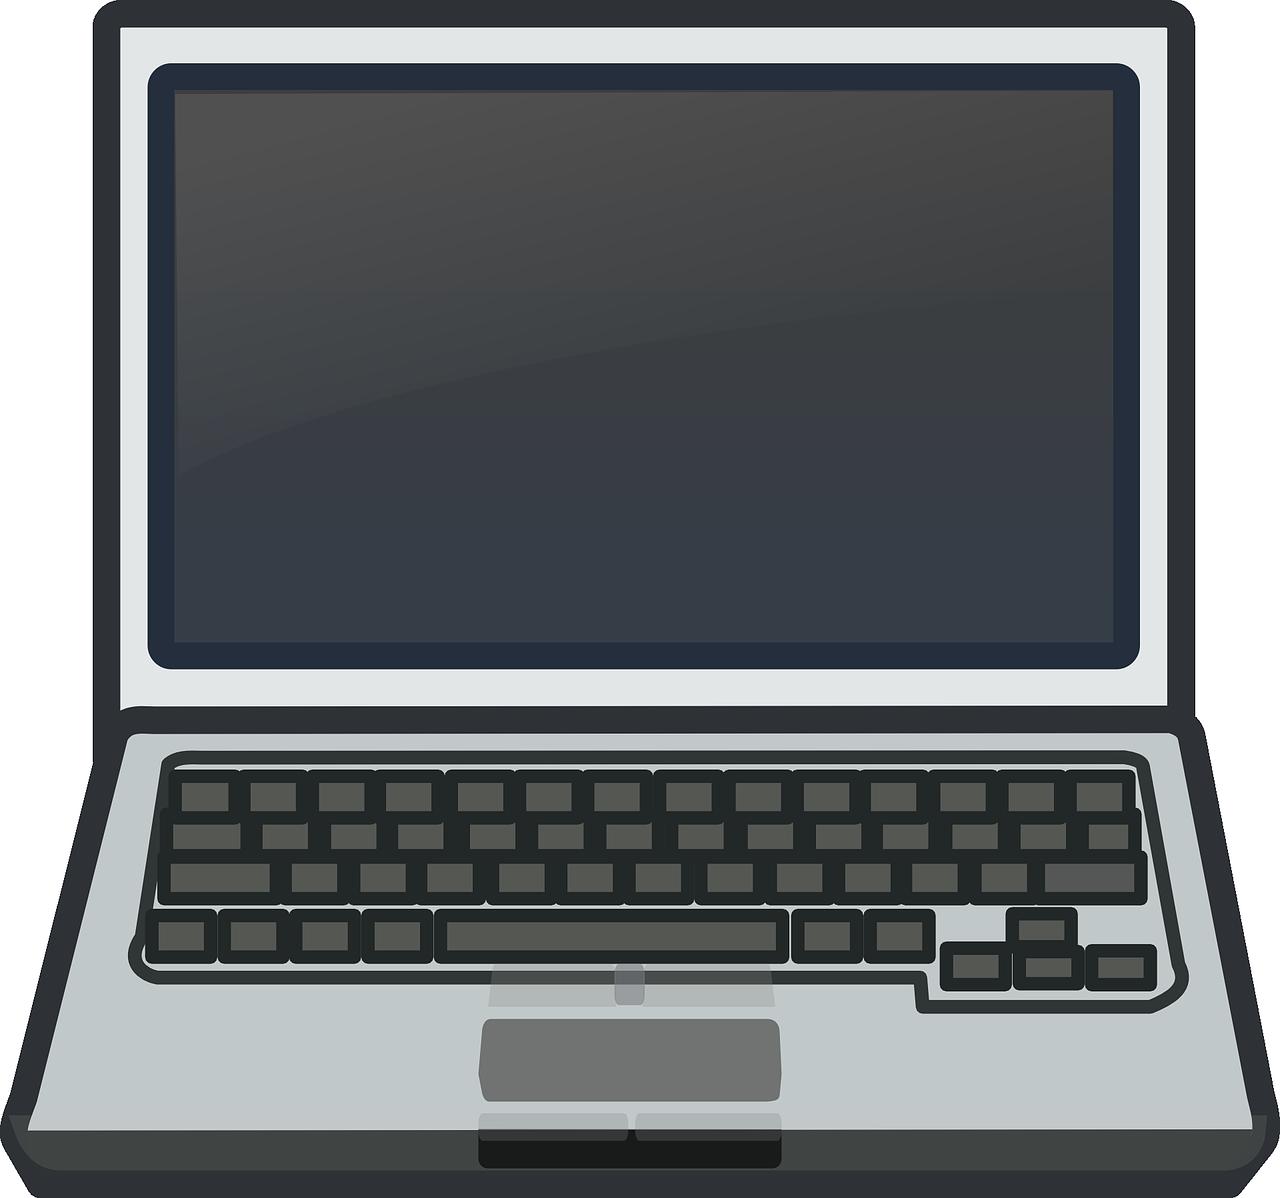 Laptop clipart Use Laptop Art Clip Public